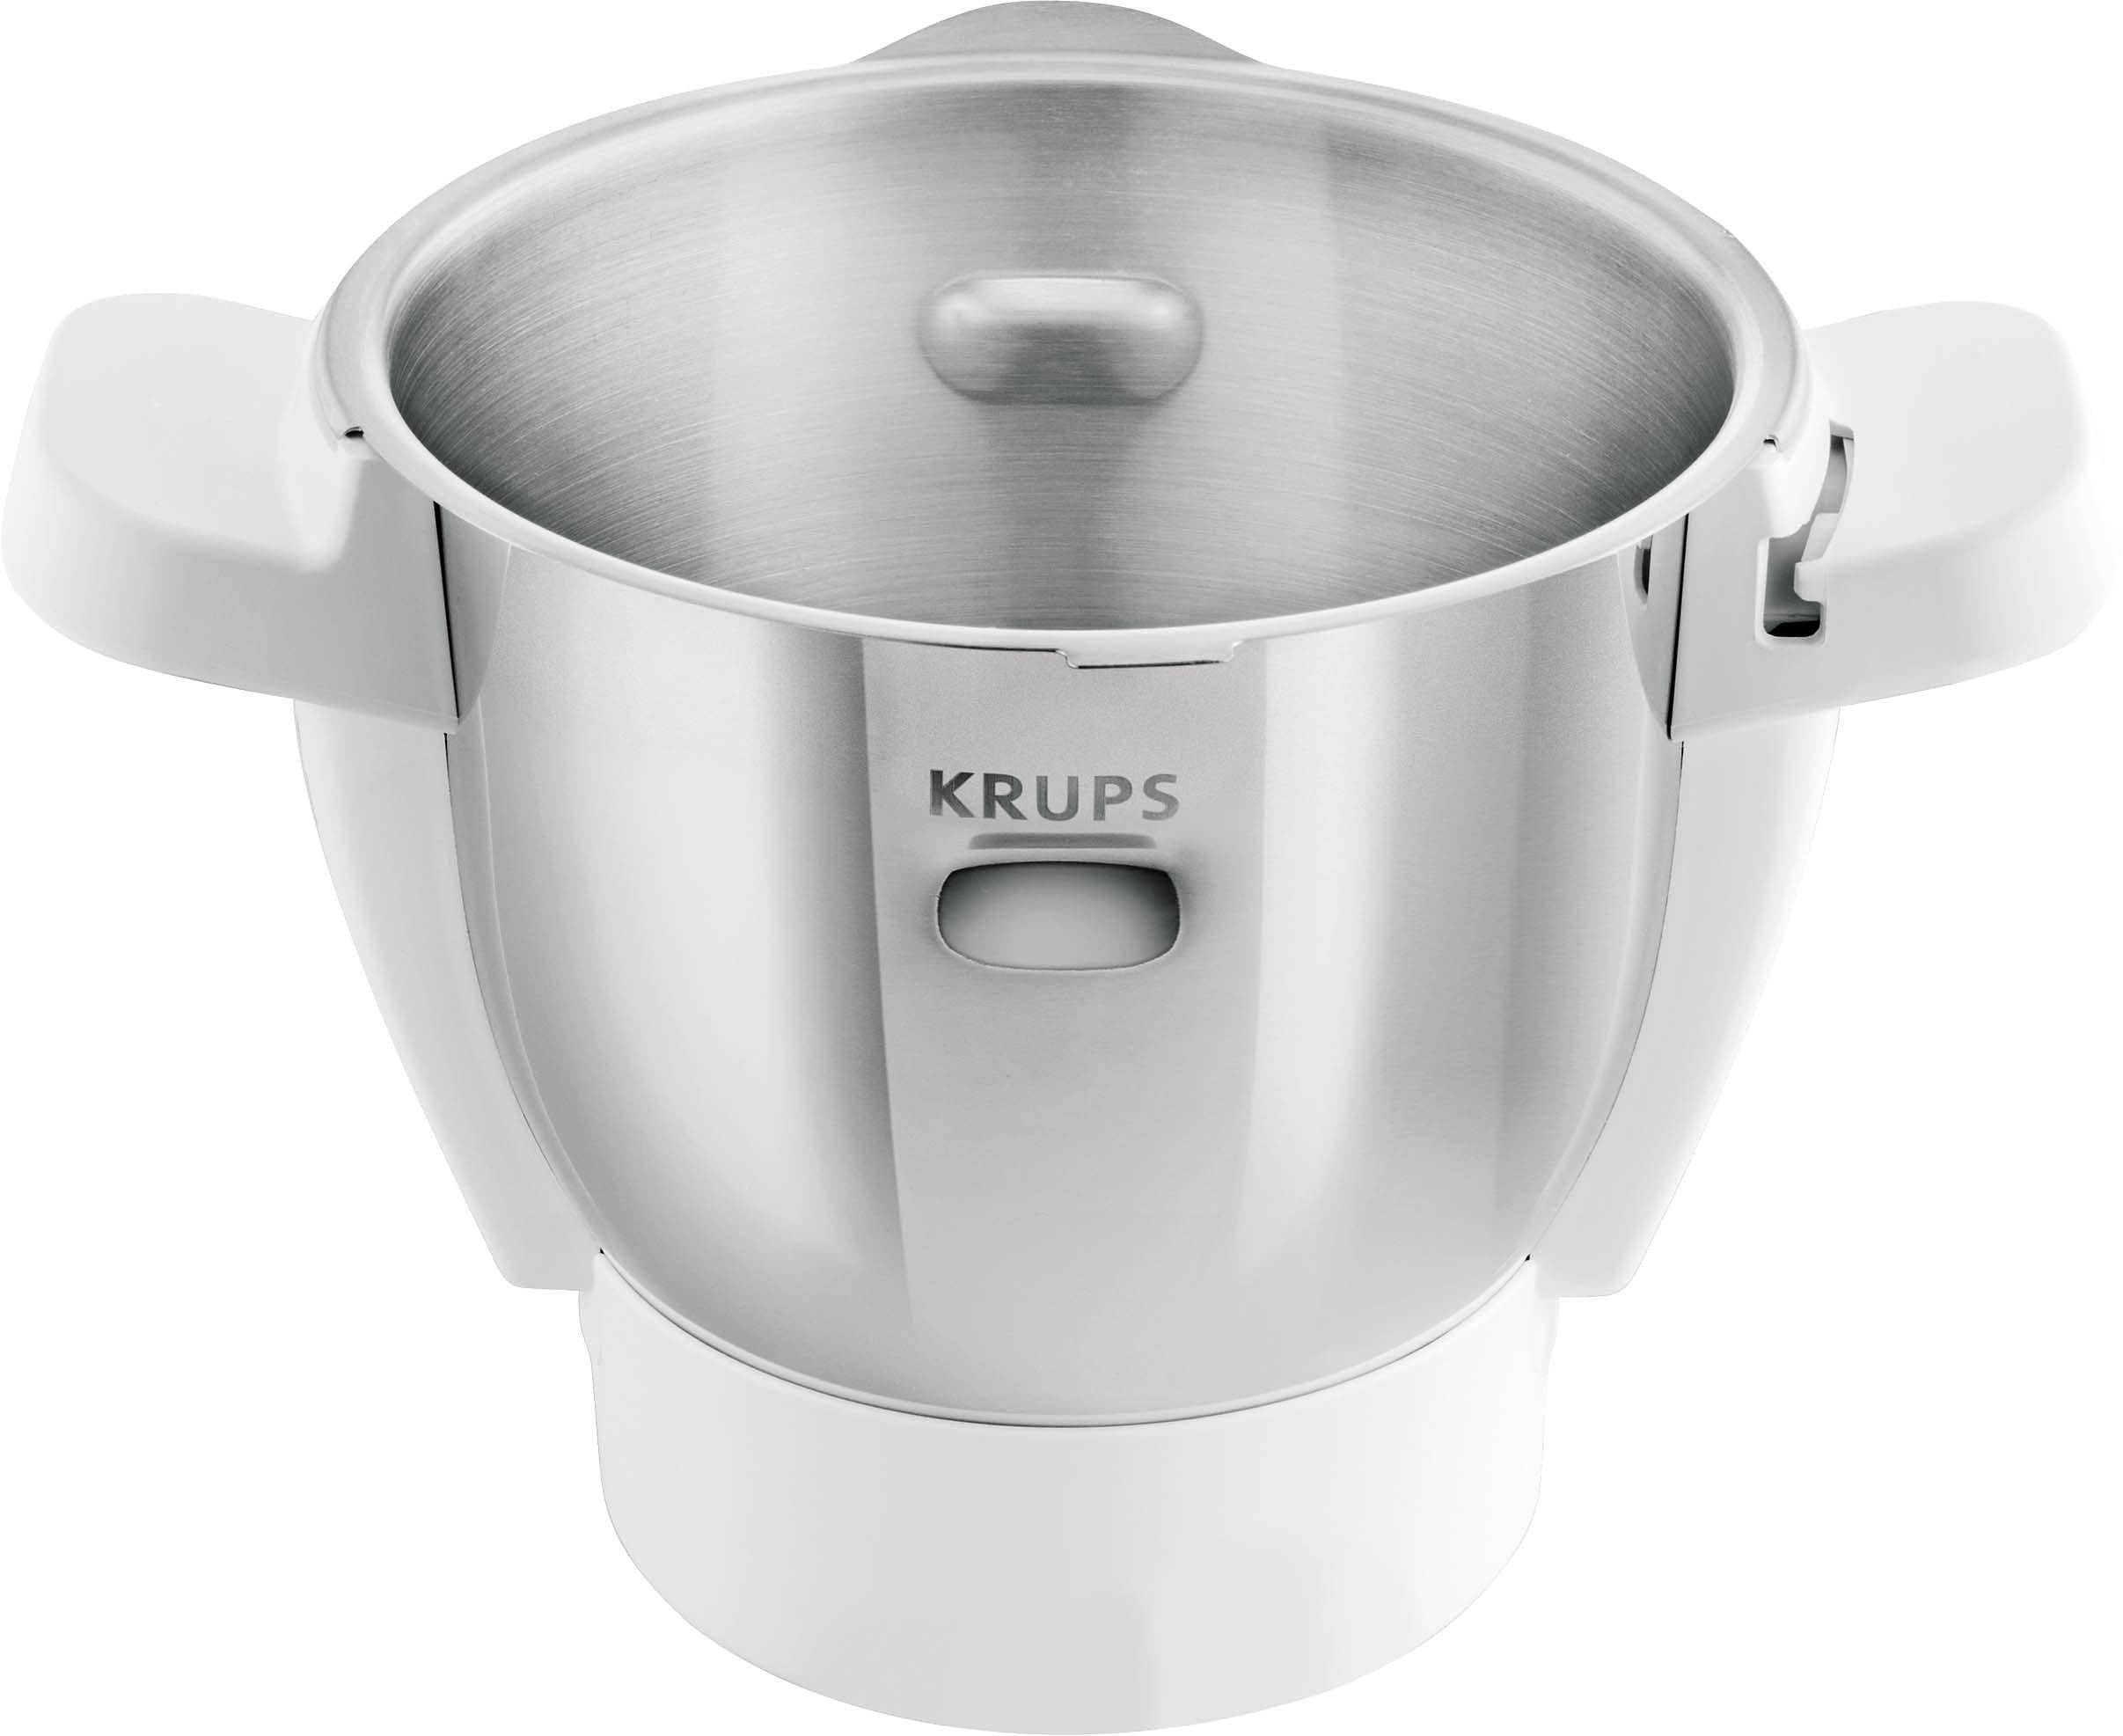 Krups Zubehör: Edelstahlschüssel für Küchenmaschine Prep&Cook HP5031